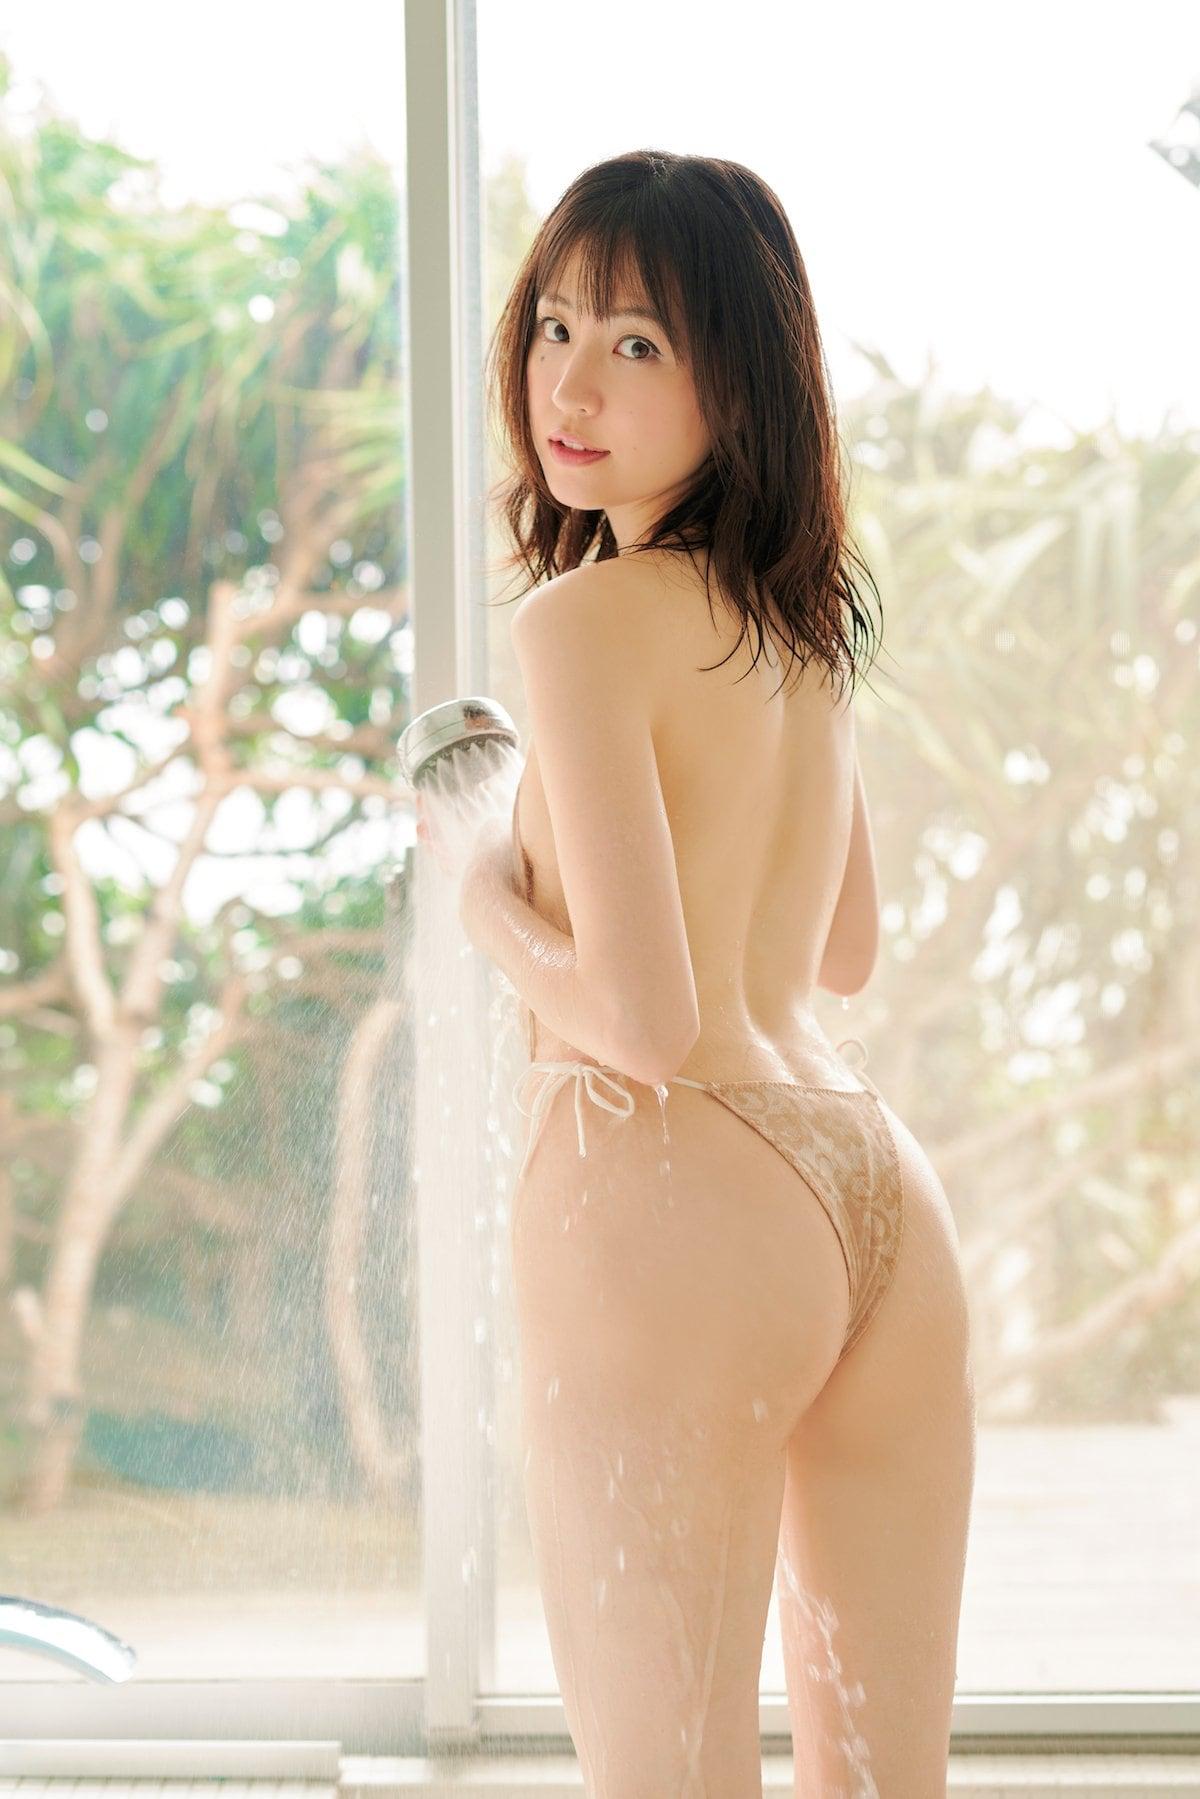 船岡咲「元ジュニアモデル」スレンダー美女のぷりぷり尻【画像10枚】の画像007